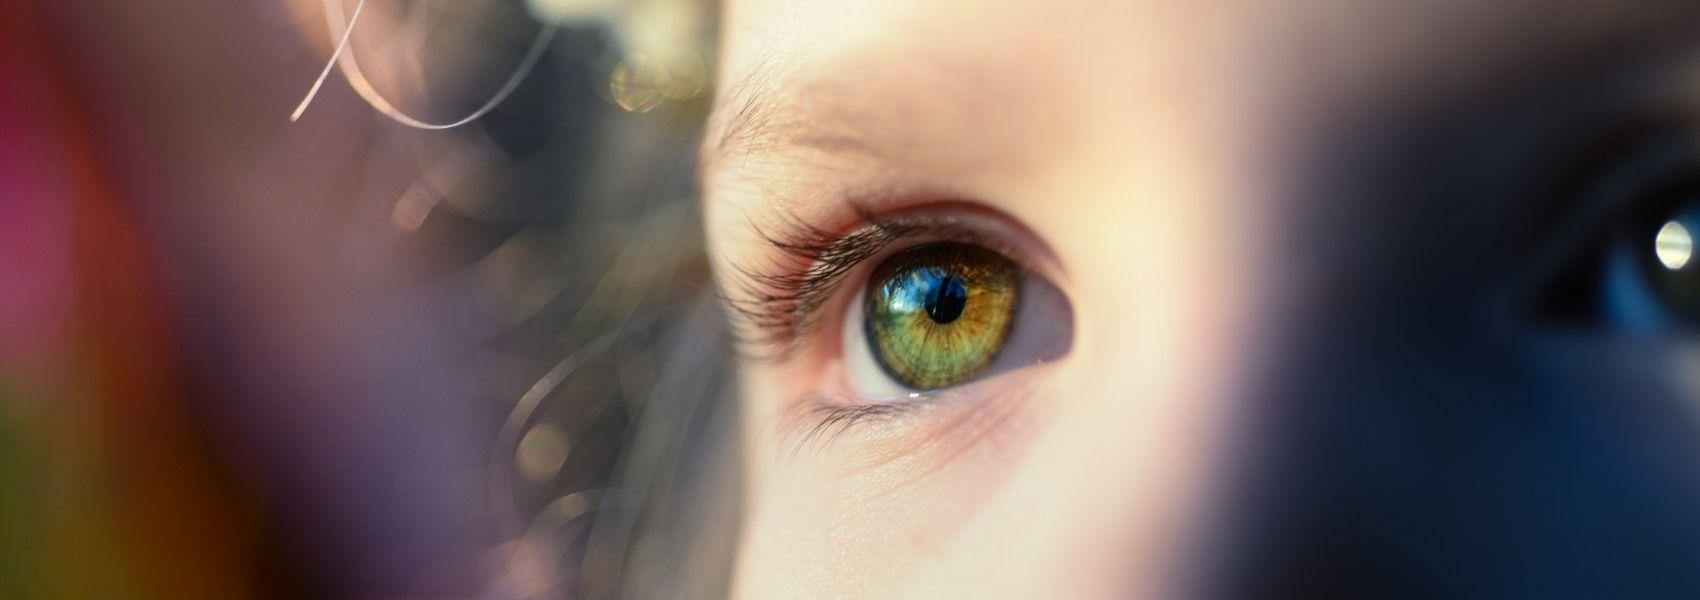 Campanha alerta para tumor raro que afeta os olhos dos mais pequenos